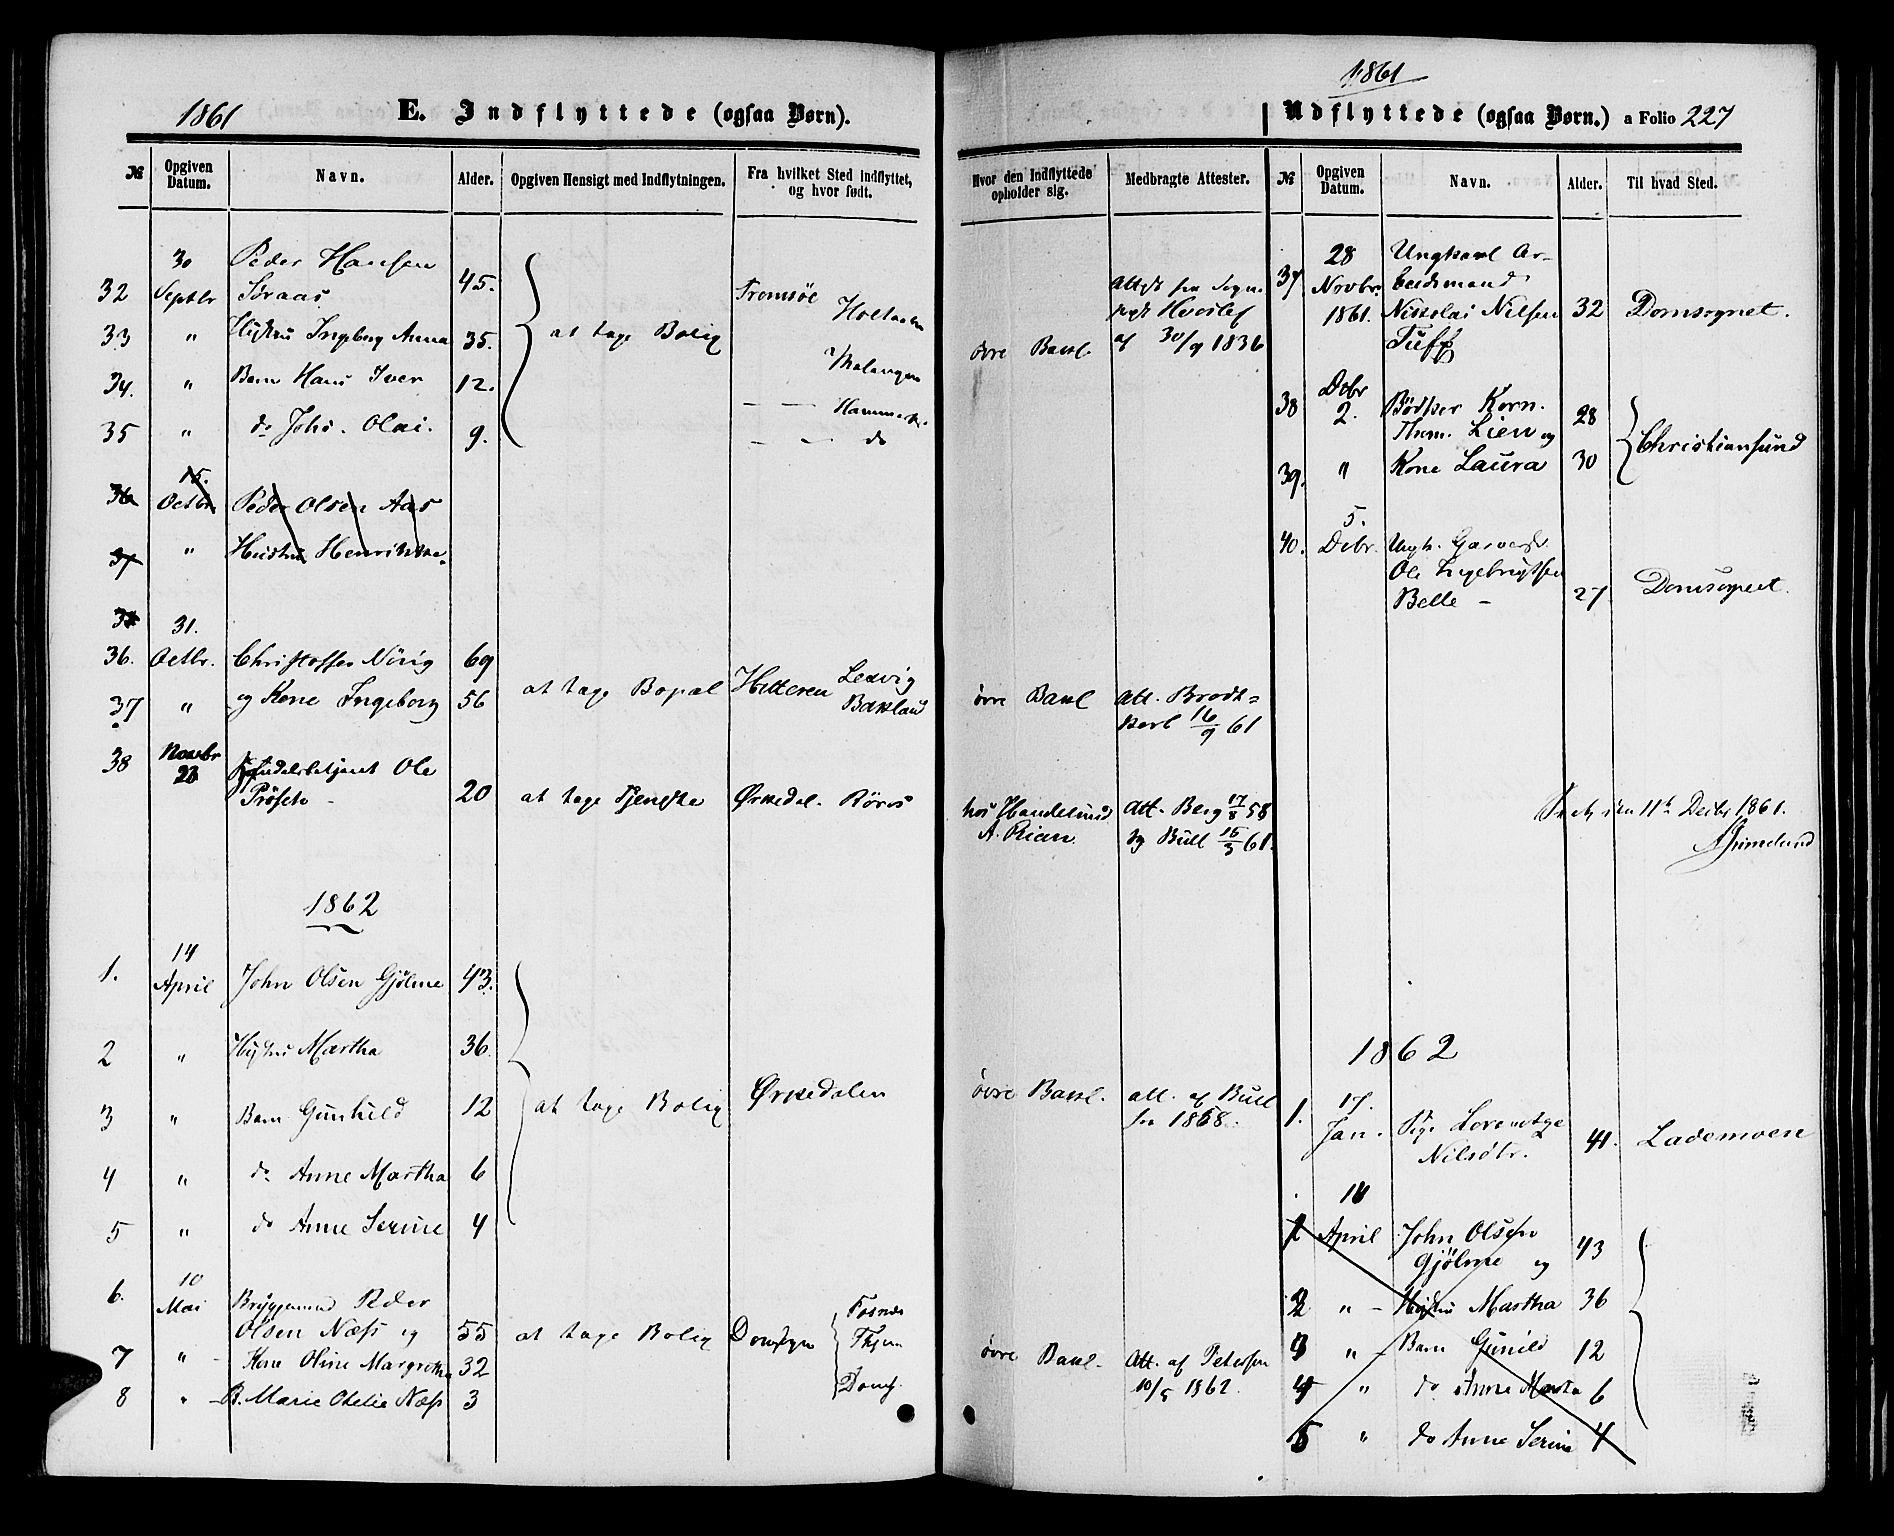 SAT, Ministerialprotokoller, klokkerbøker og fødselsregistre - Sør-Trøndelag, 604/L0185: Ministerialbok nr. 604A06, 1861-1865, s. 227